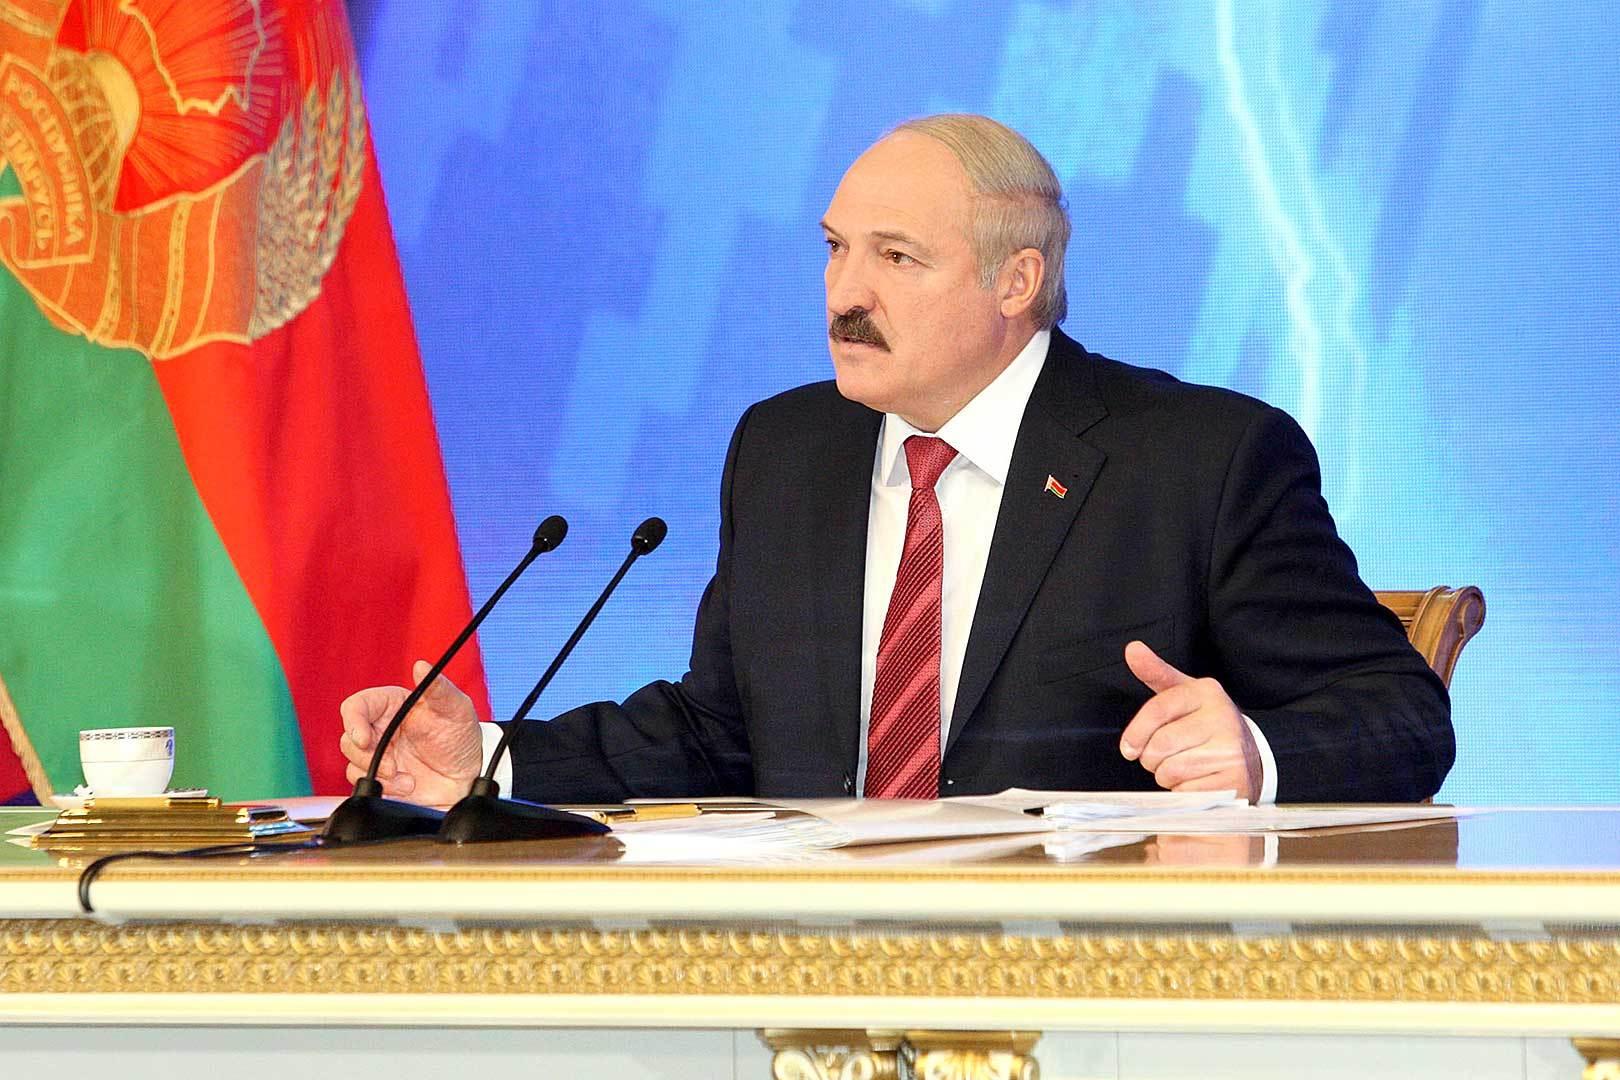 Лукашенко 17 ноября даст пресс-конференцию российским СМИ. Фото: БелТА